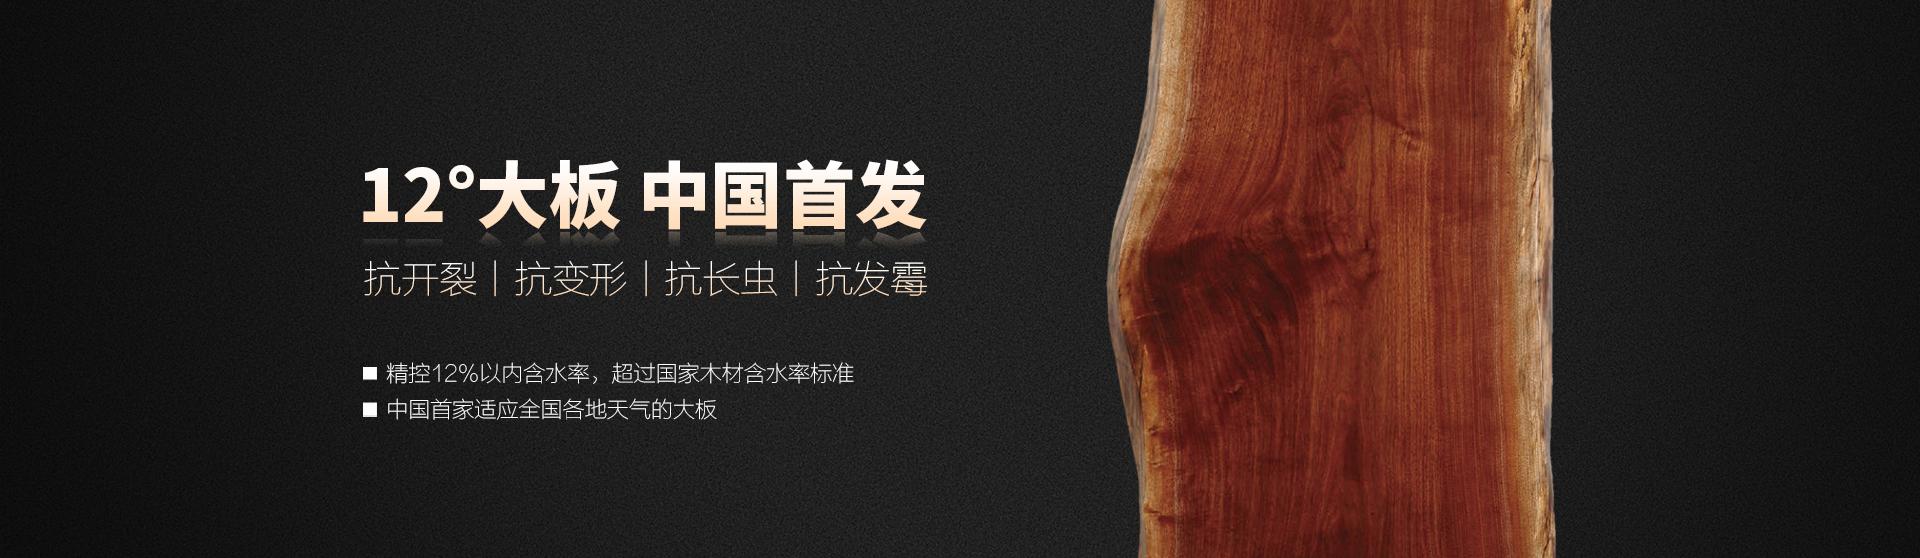 12°大板 中国首发